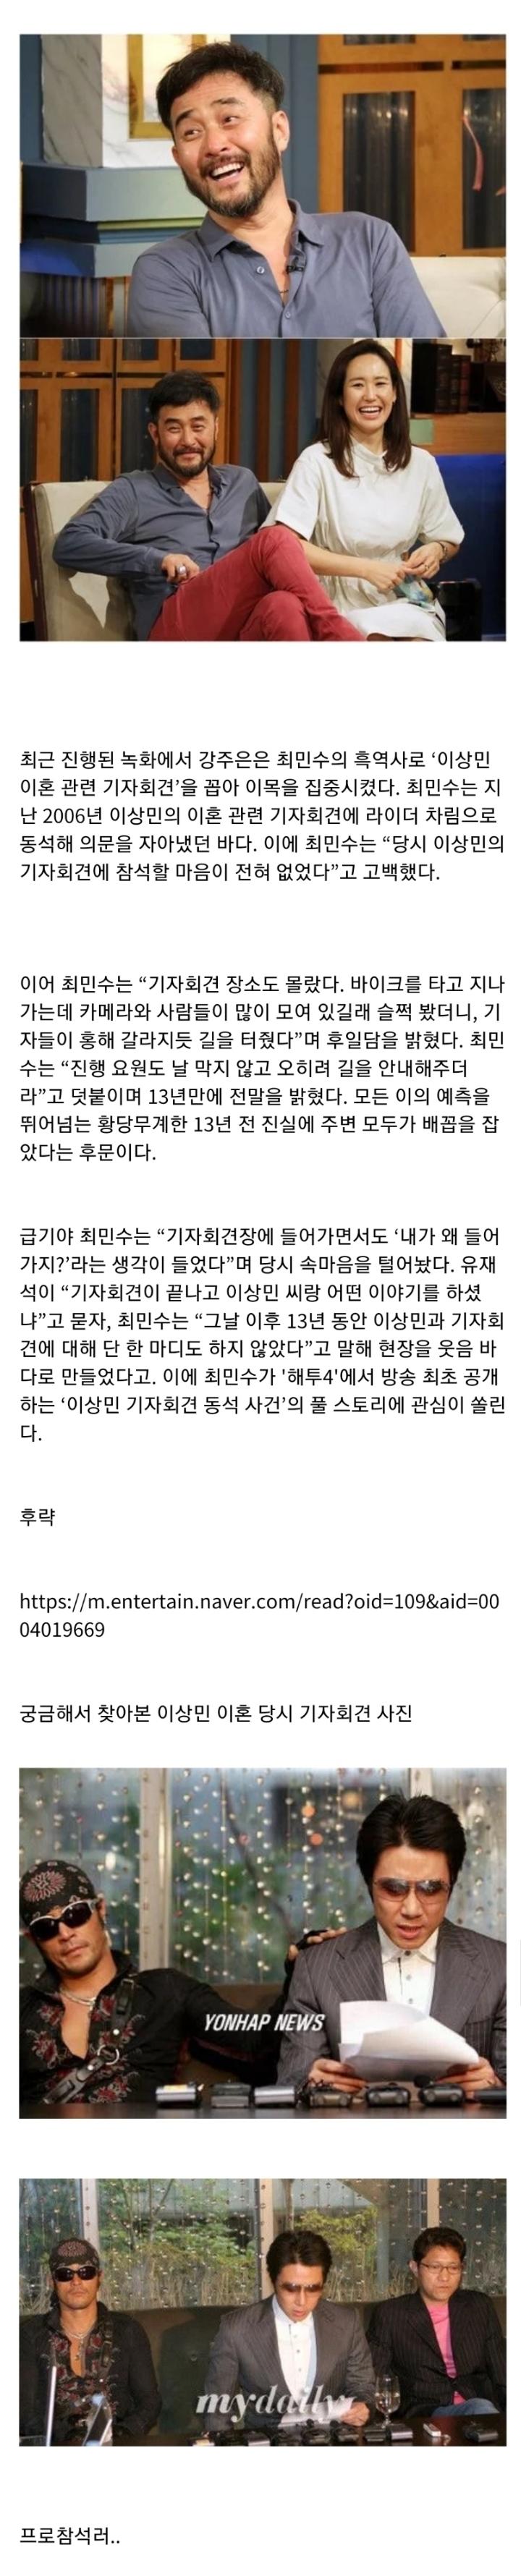 최민수레전드.jpg